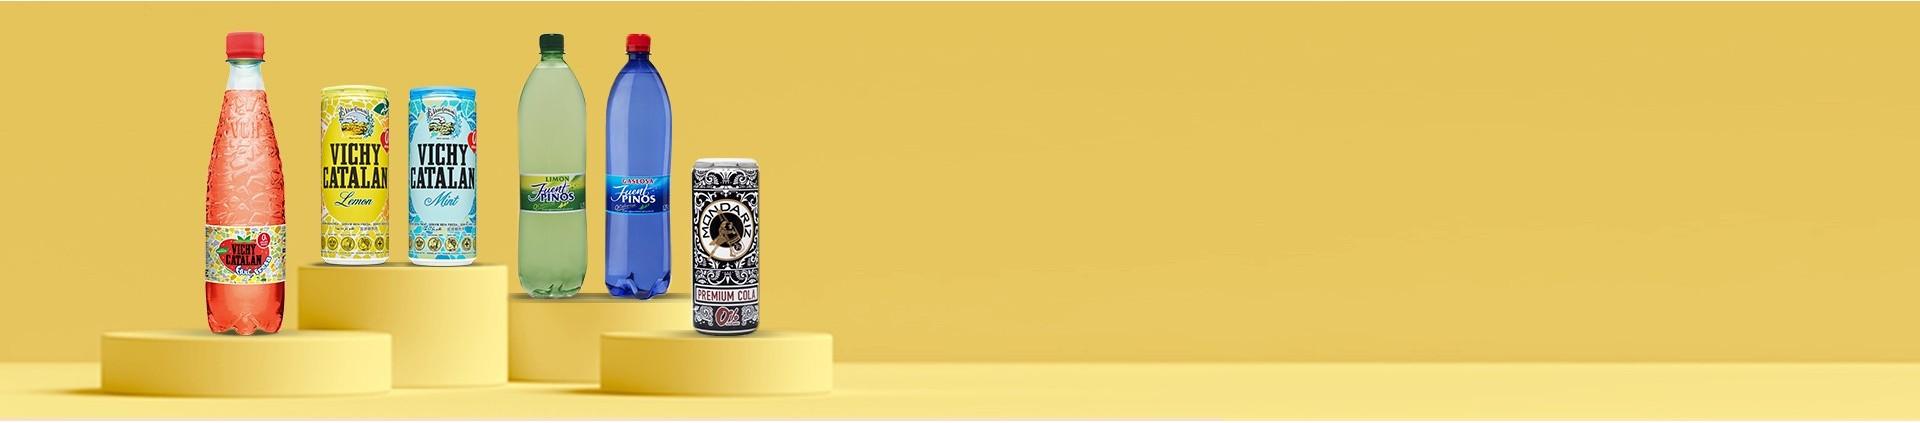 Comprar Agua con sabor 0% azucar - Con Garantía Vichy Catalán